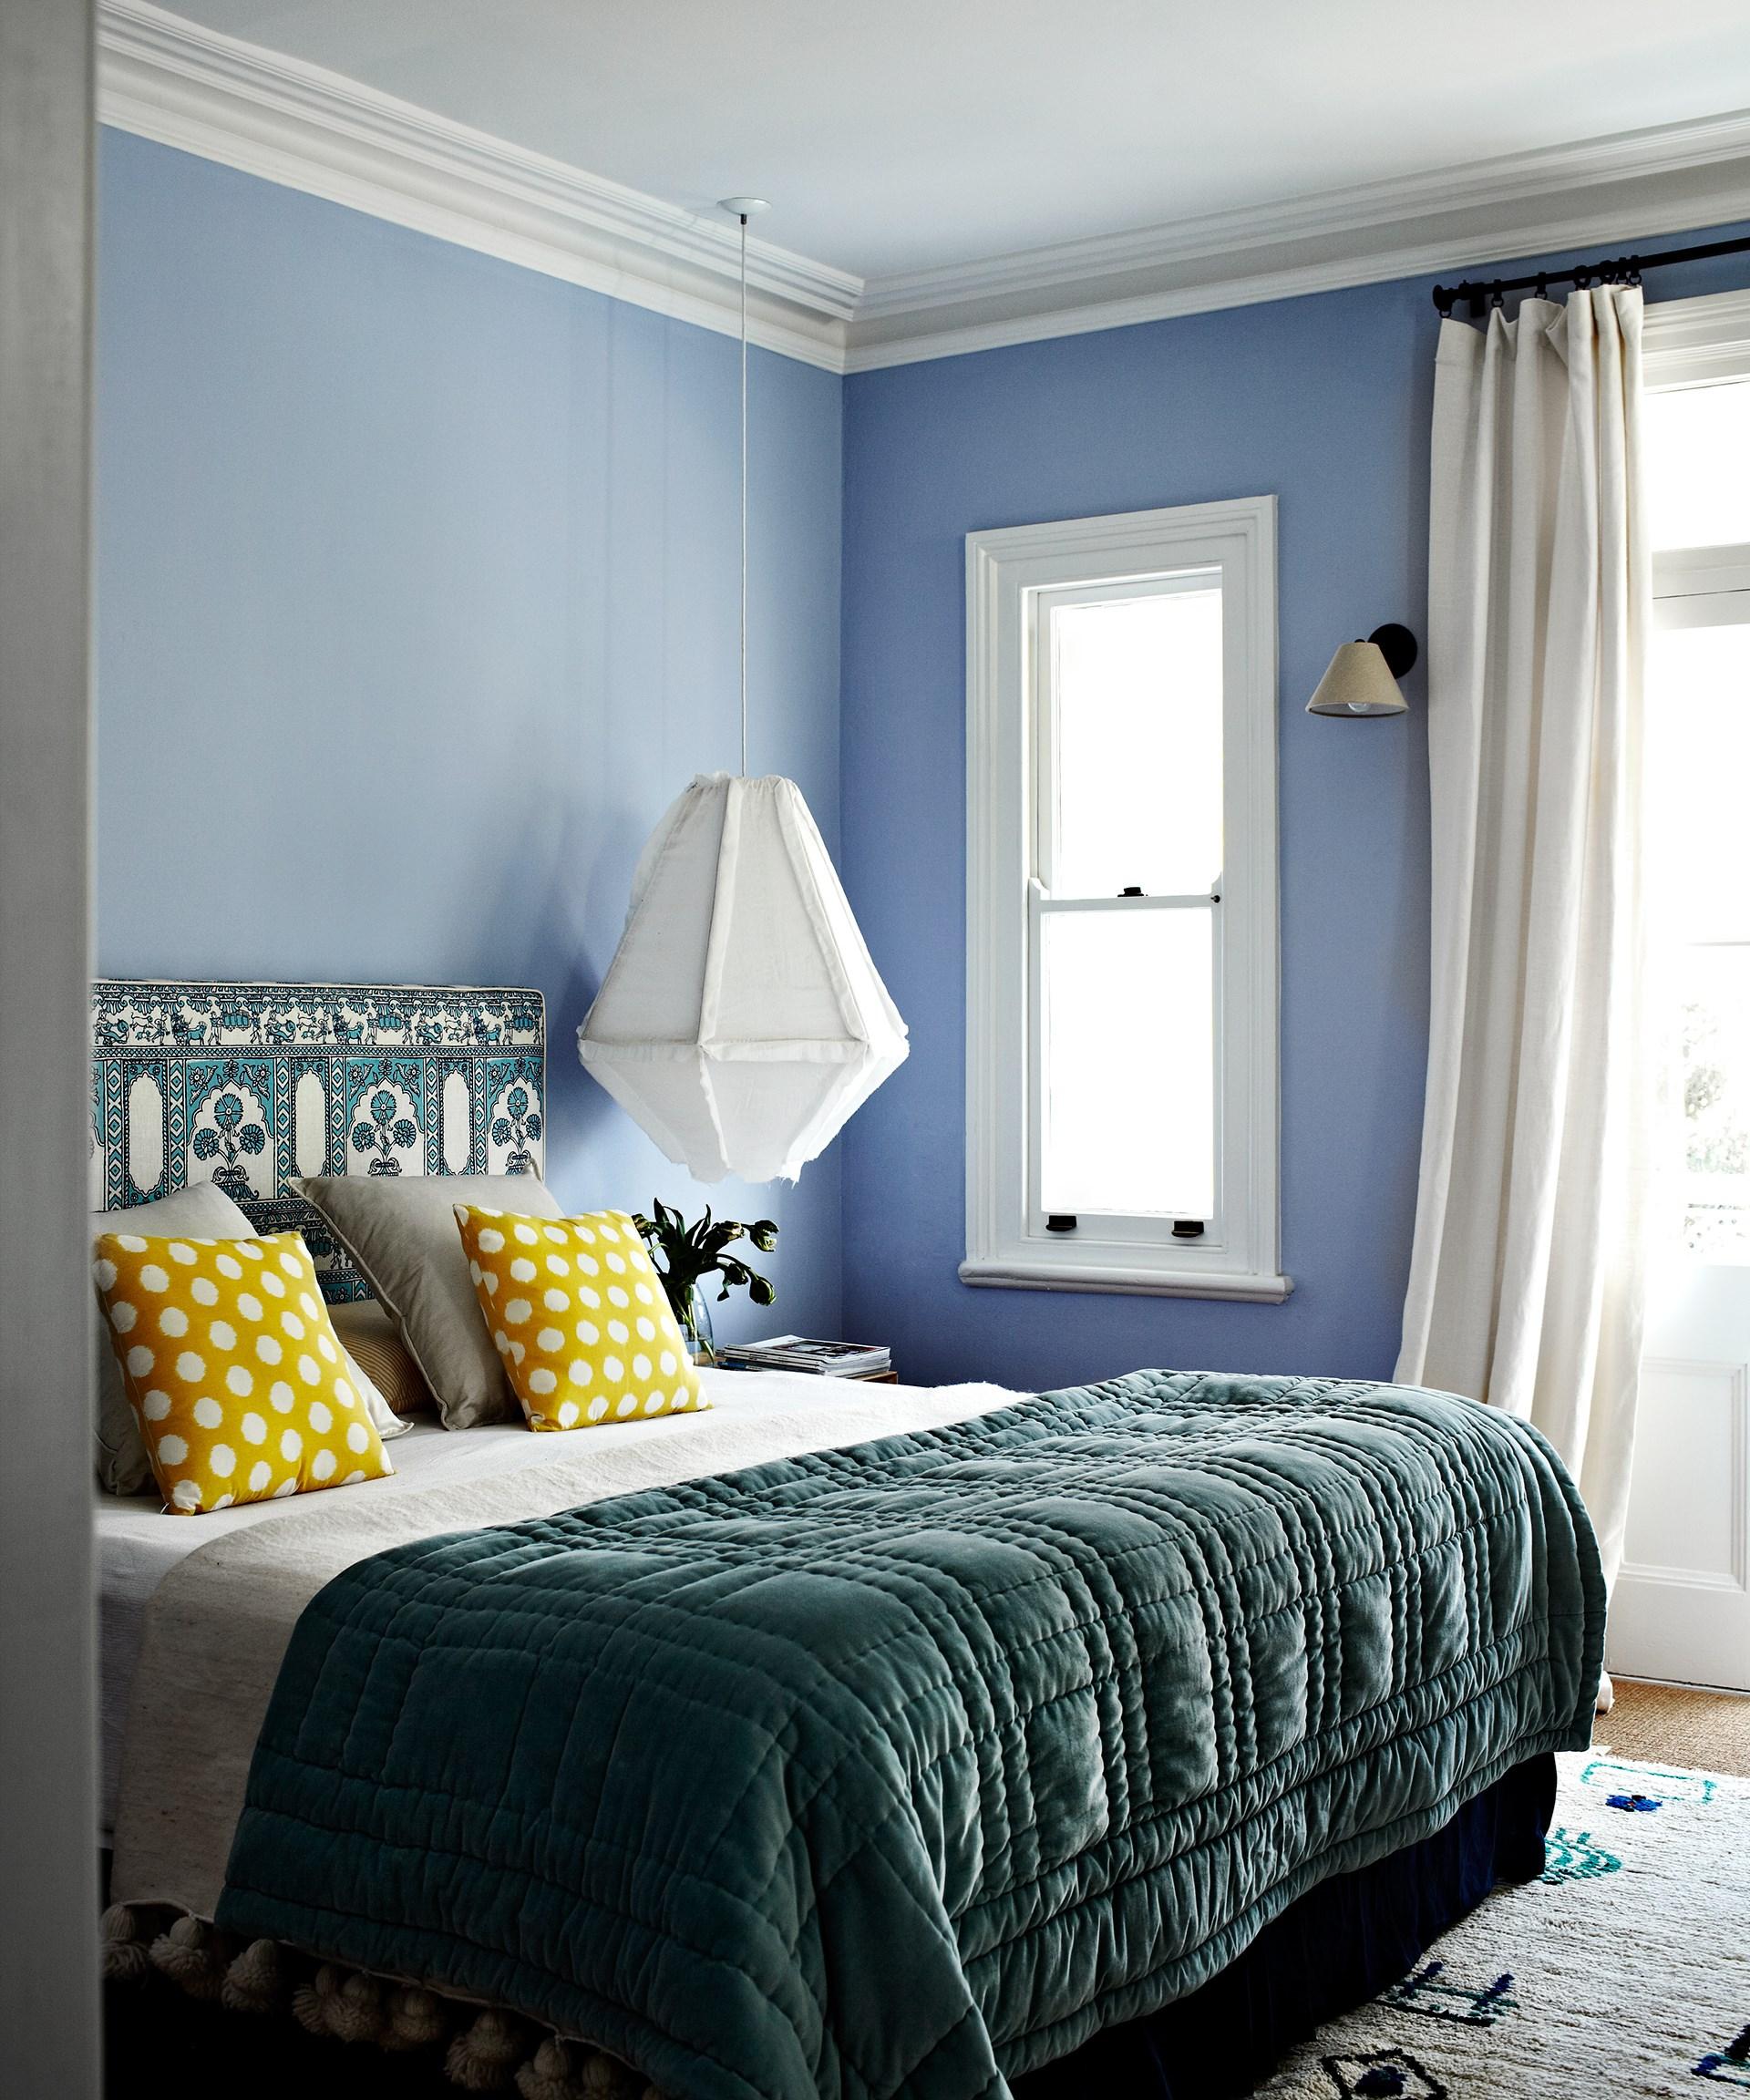 Eclectic Interior Design: 8 Eclectic Interior Design Ideas